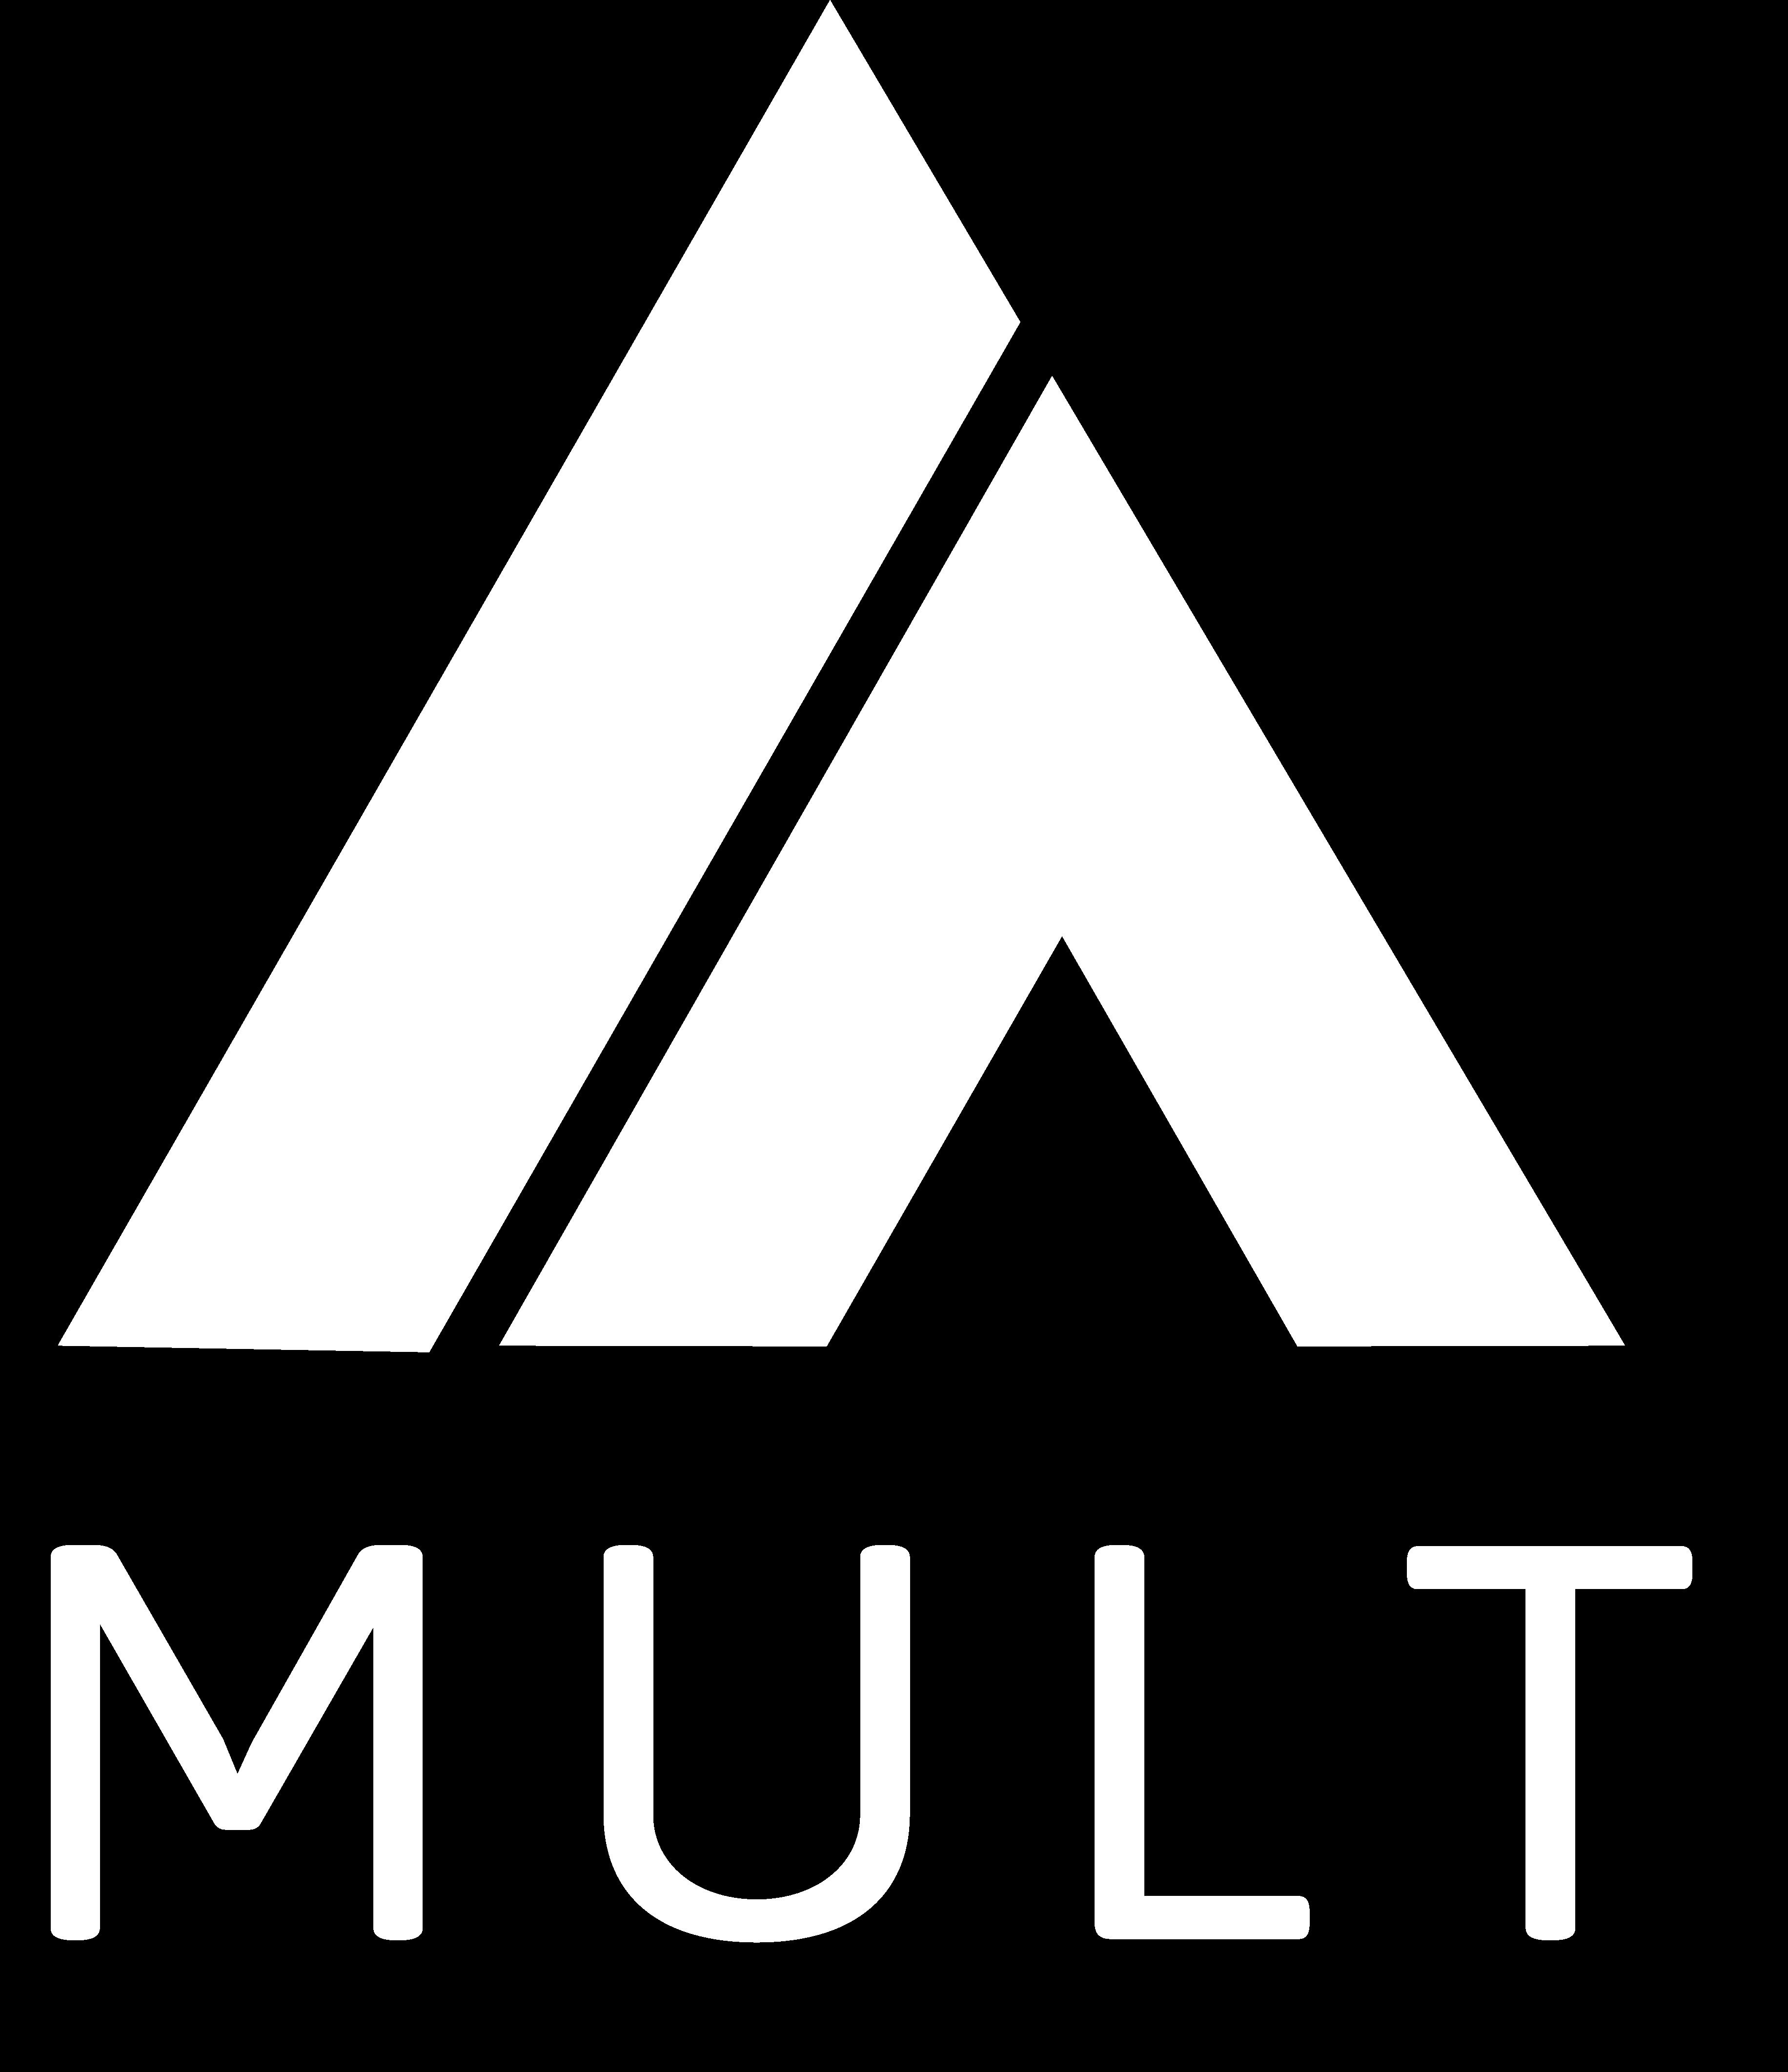 Logotipo Mult